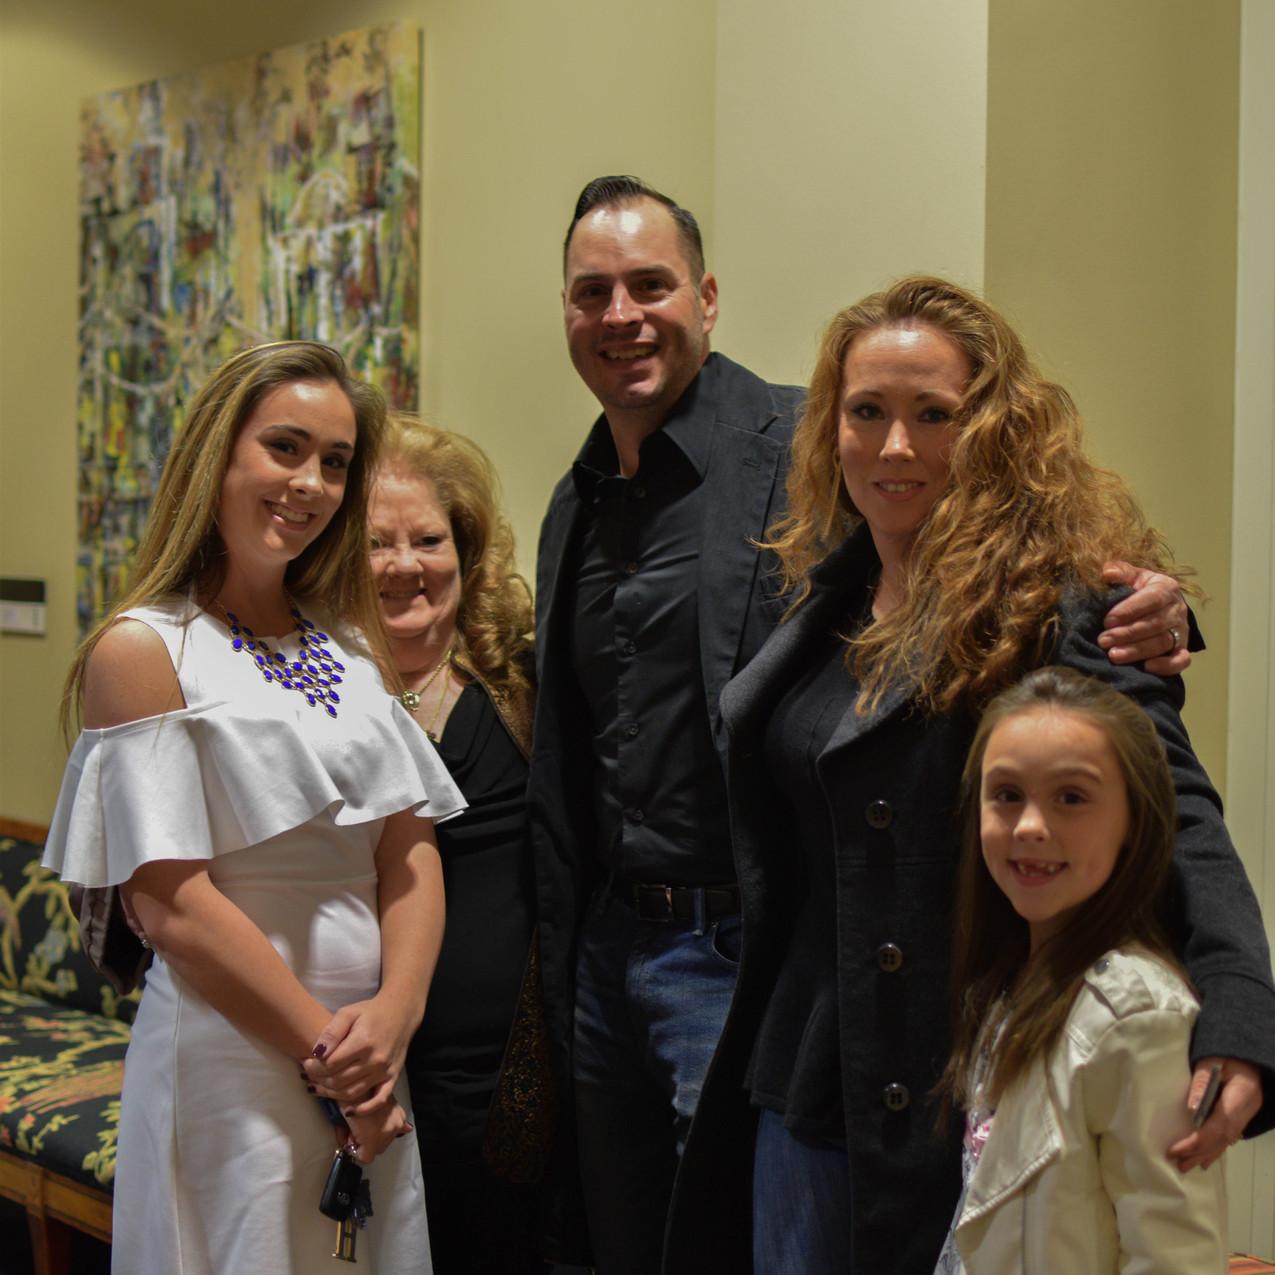 Jason_StephanieFarrell_Family